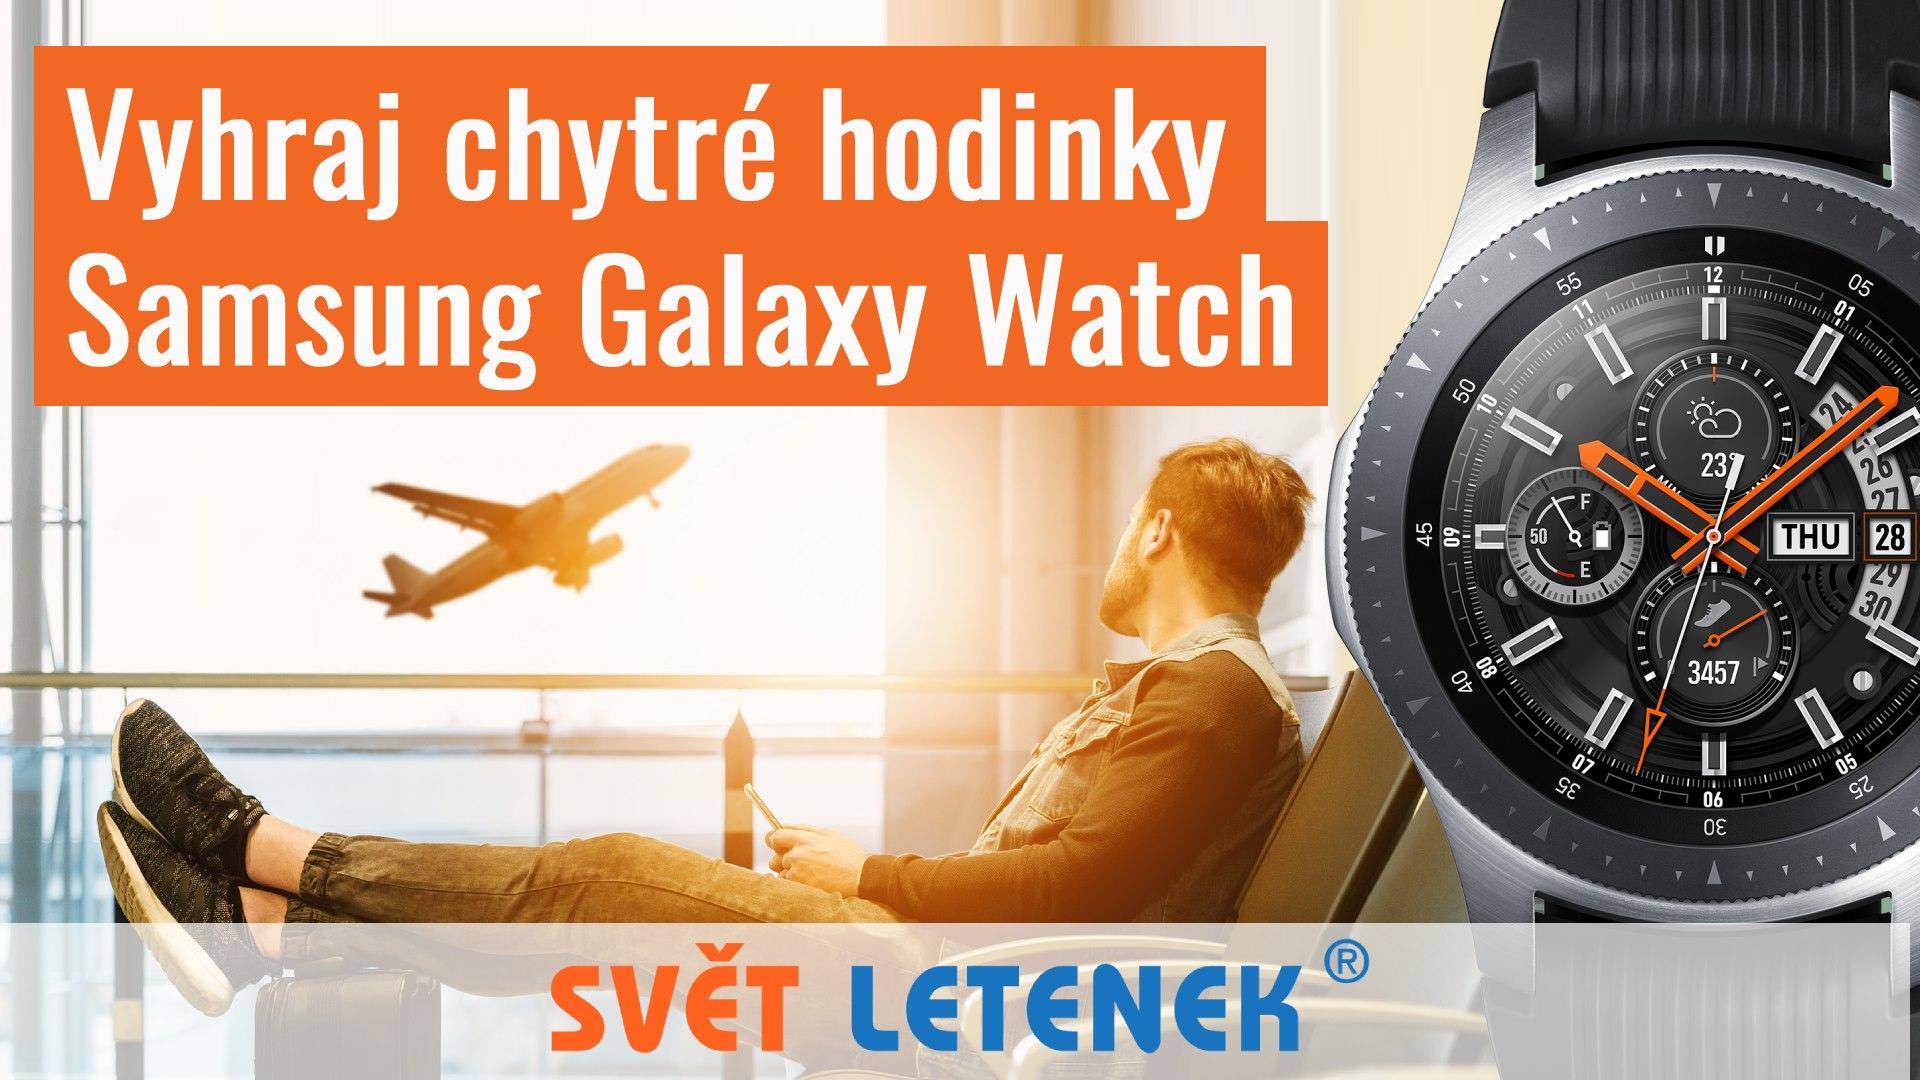 Vyhraj chytré hodinky Samsung Galaxy Watch - www.svet-letenek.cz